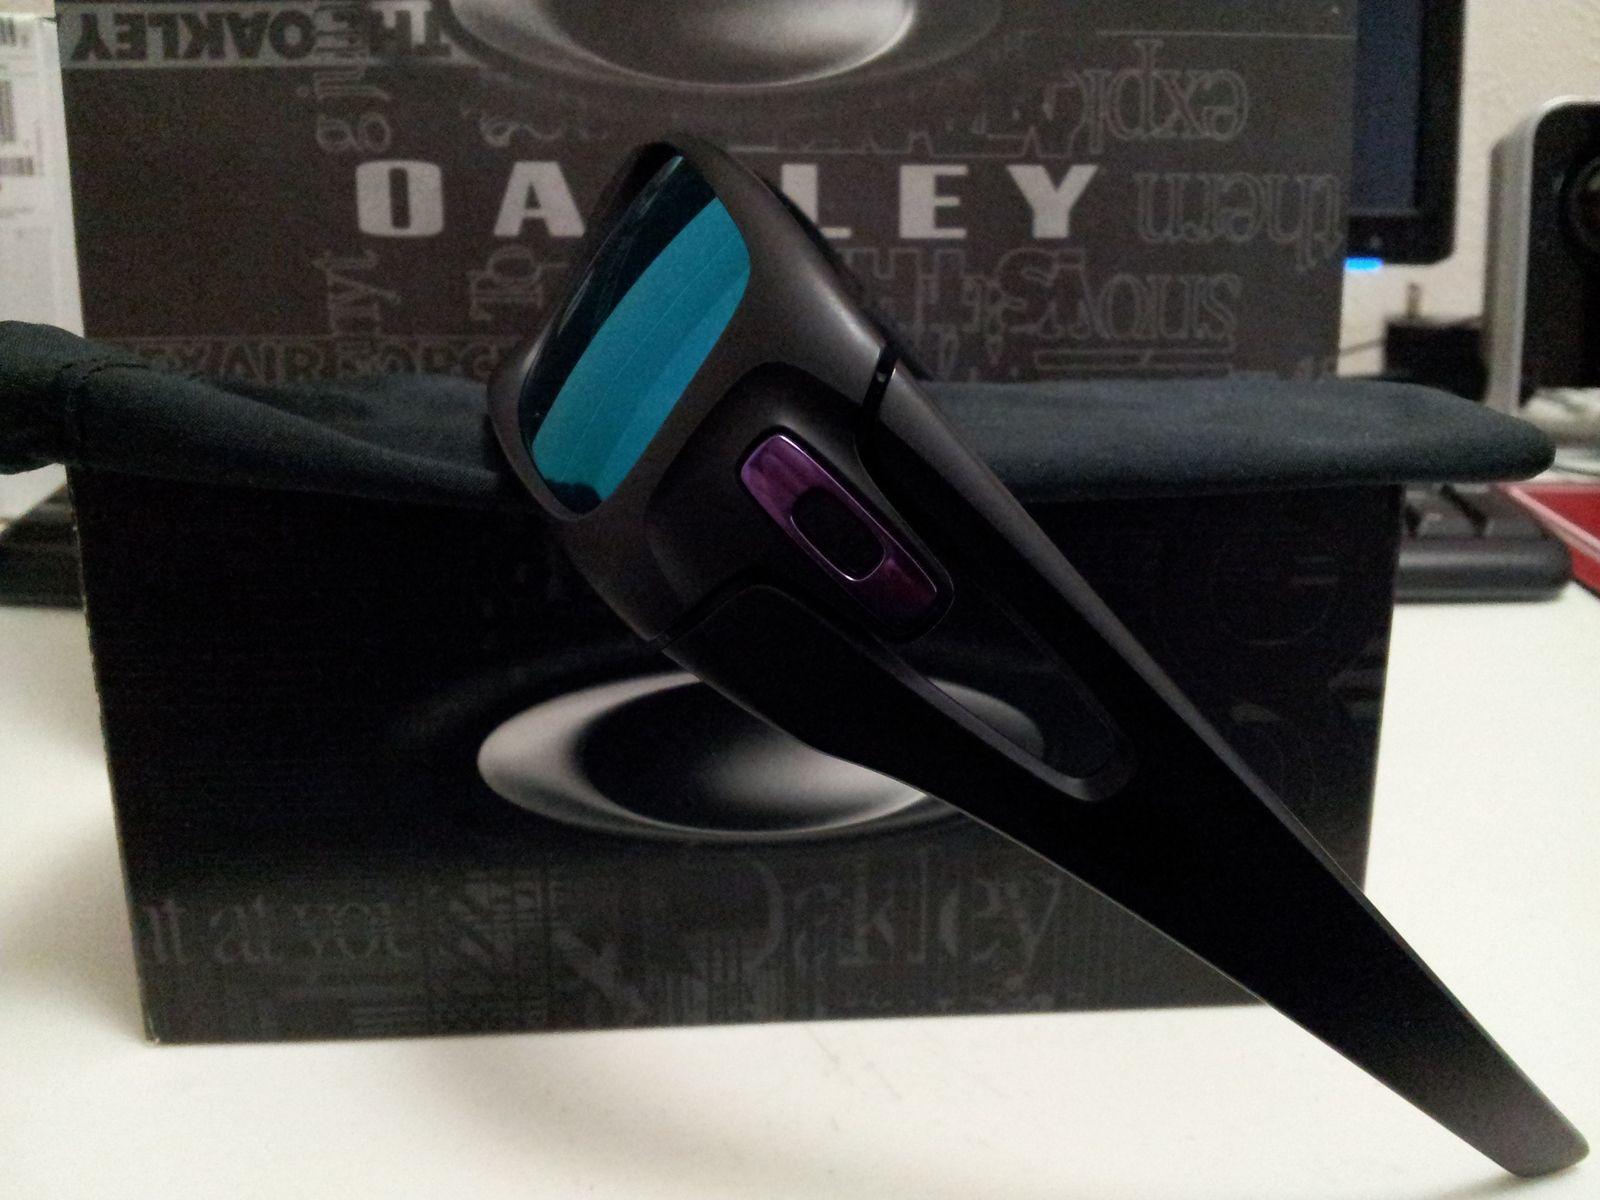 Crankcase Matte Black/Violet (Box, Bag, Paperwork, Reciept Included) - 20130602121331.jpg